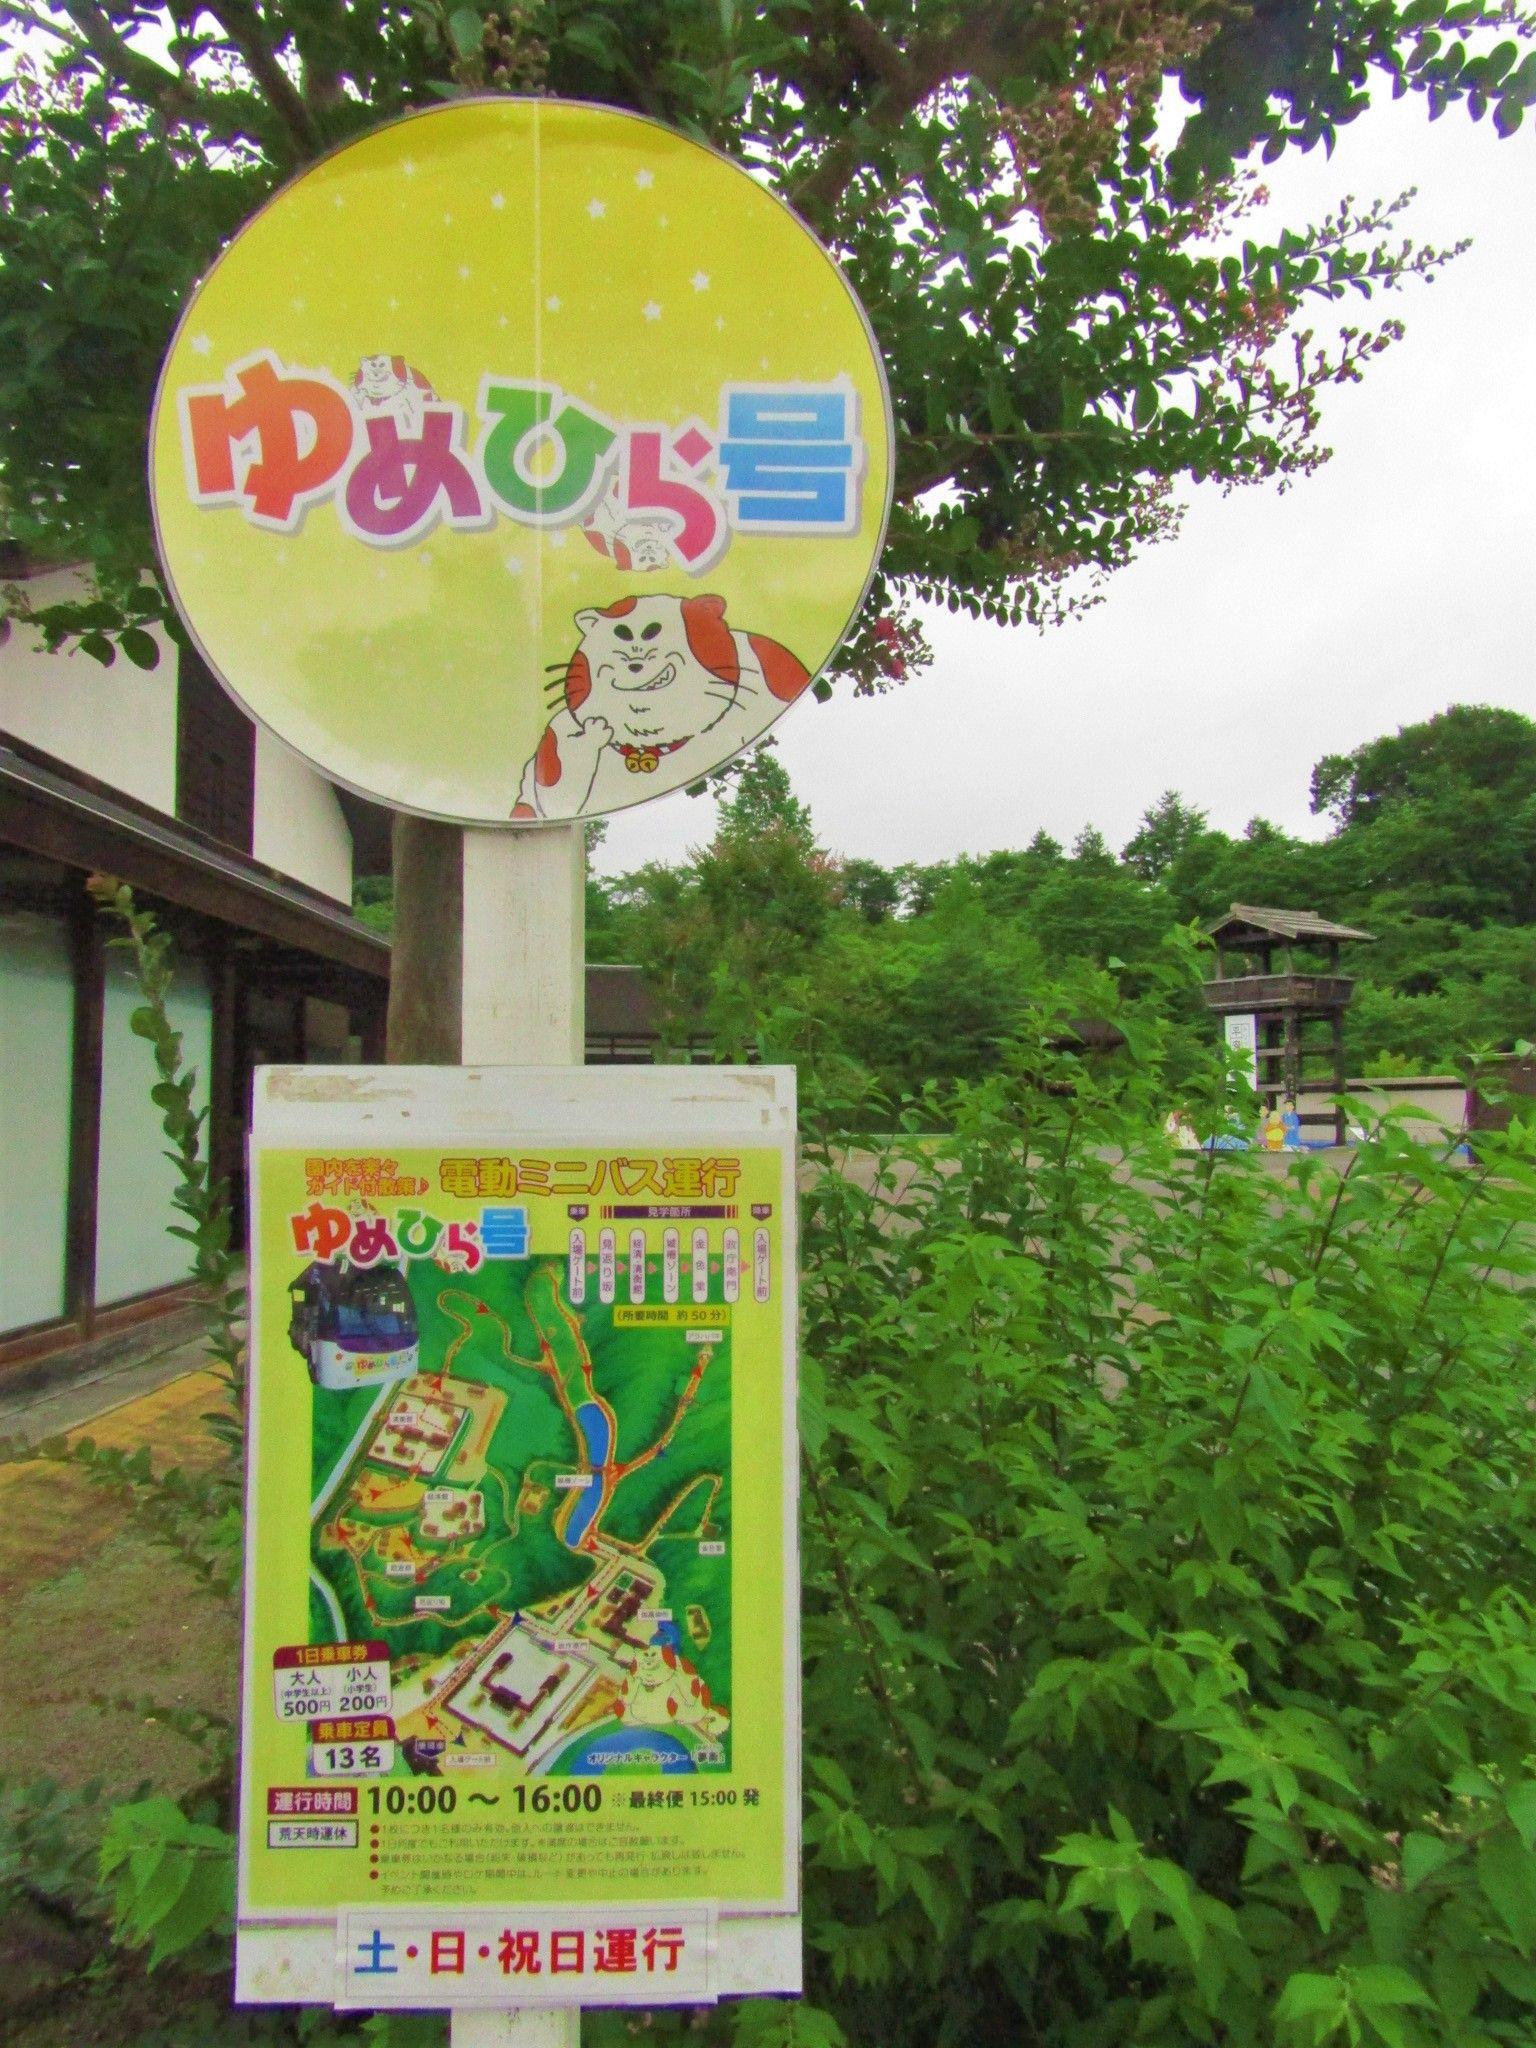 ブログ 櫻 マトリョーシカ 葉